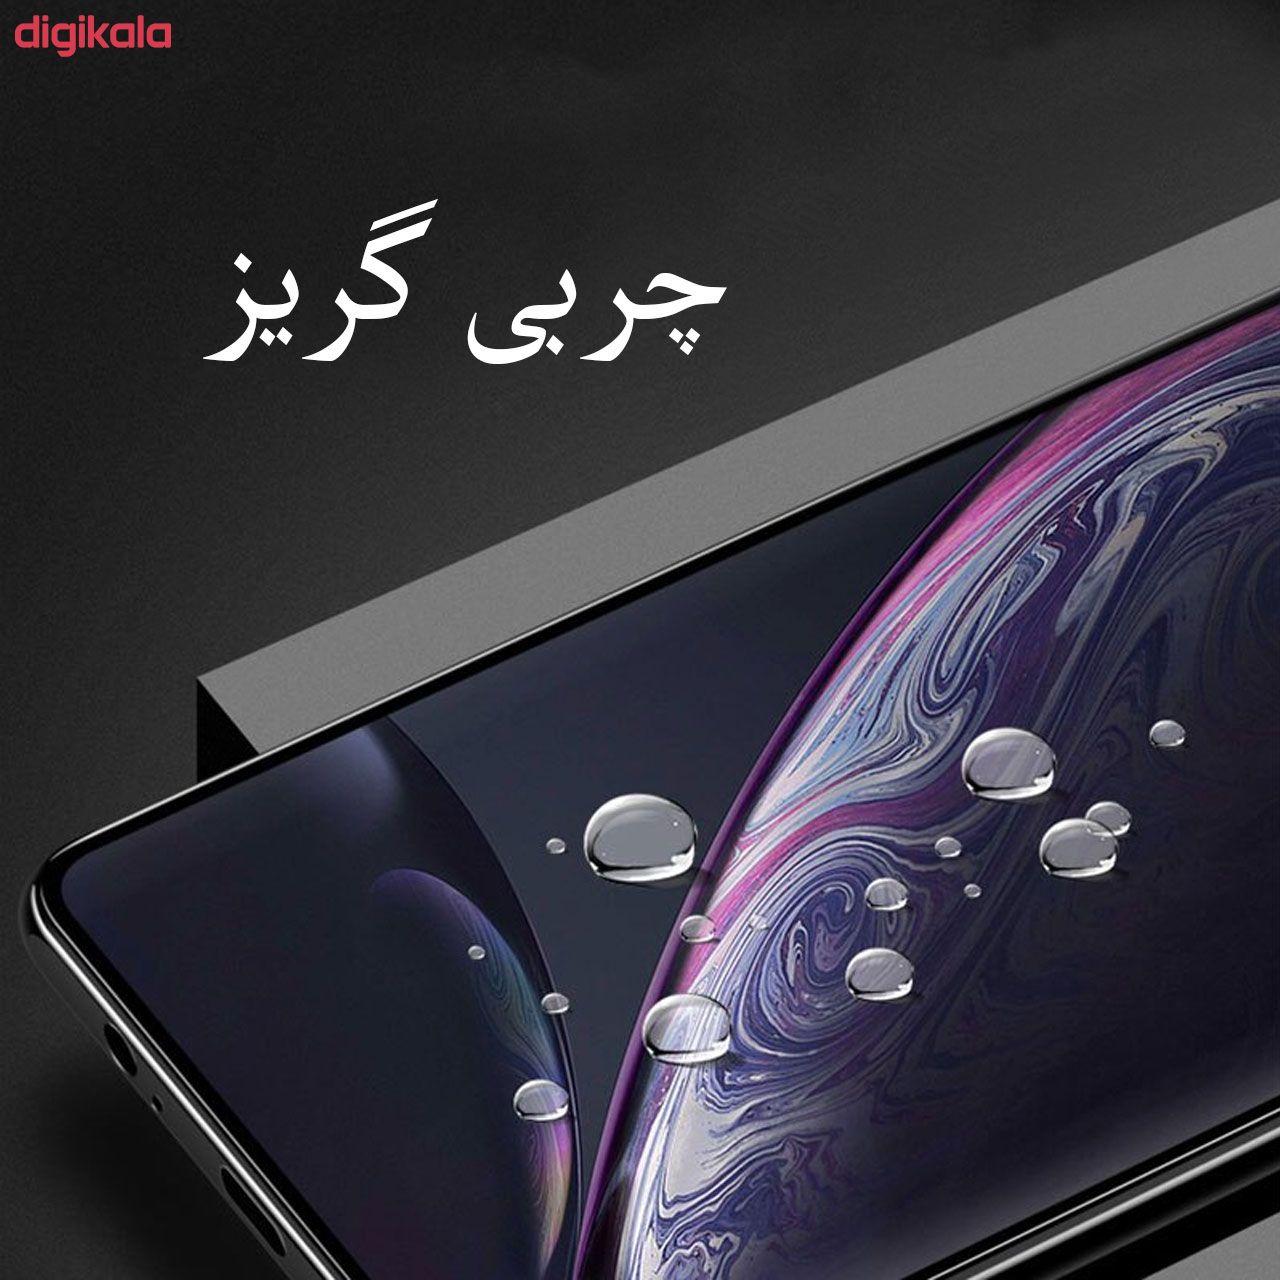 محافظ صفحه نمایش مدل FCG مناسب برای گوشی موبایل سامسونگ Galaxy A12 main 1 10